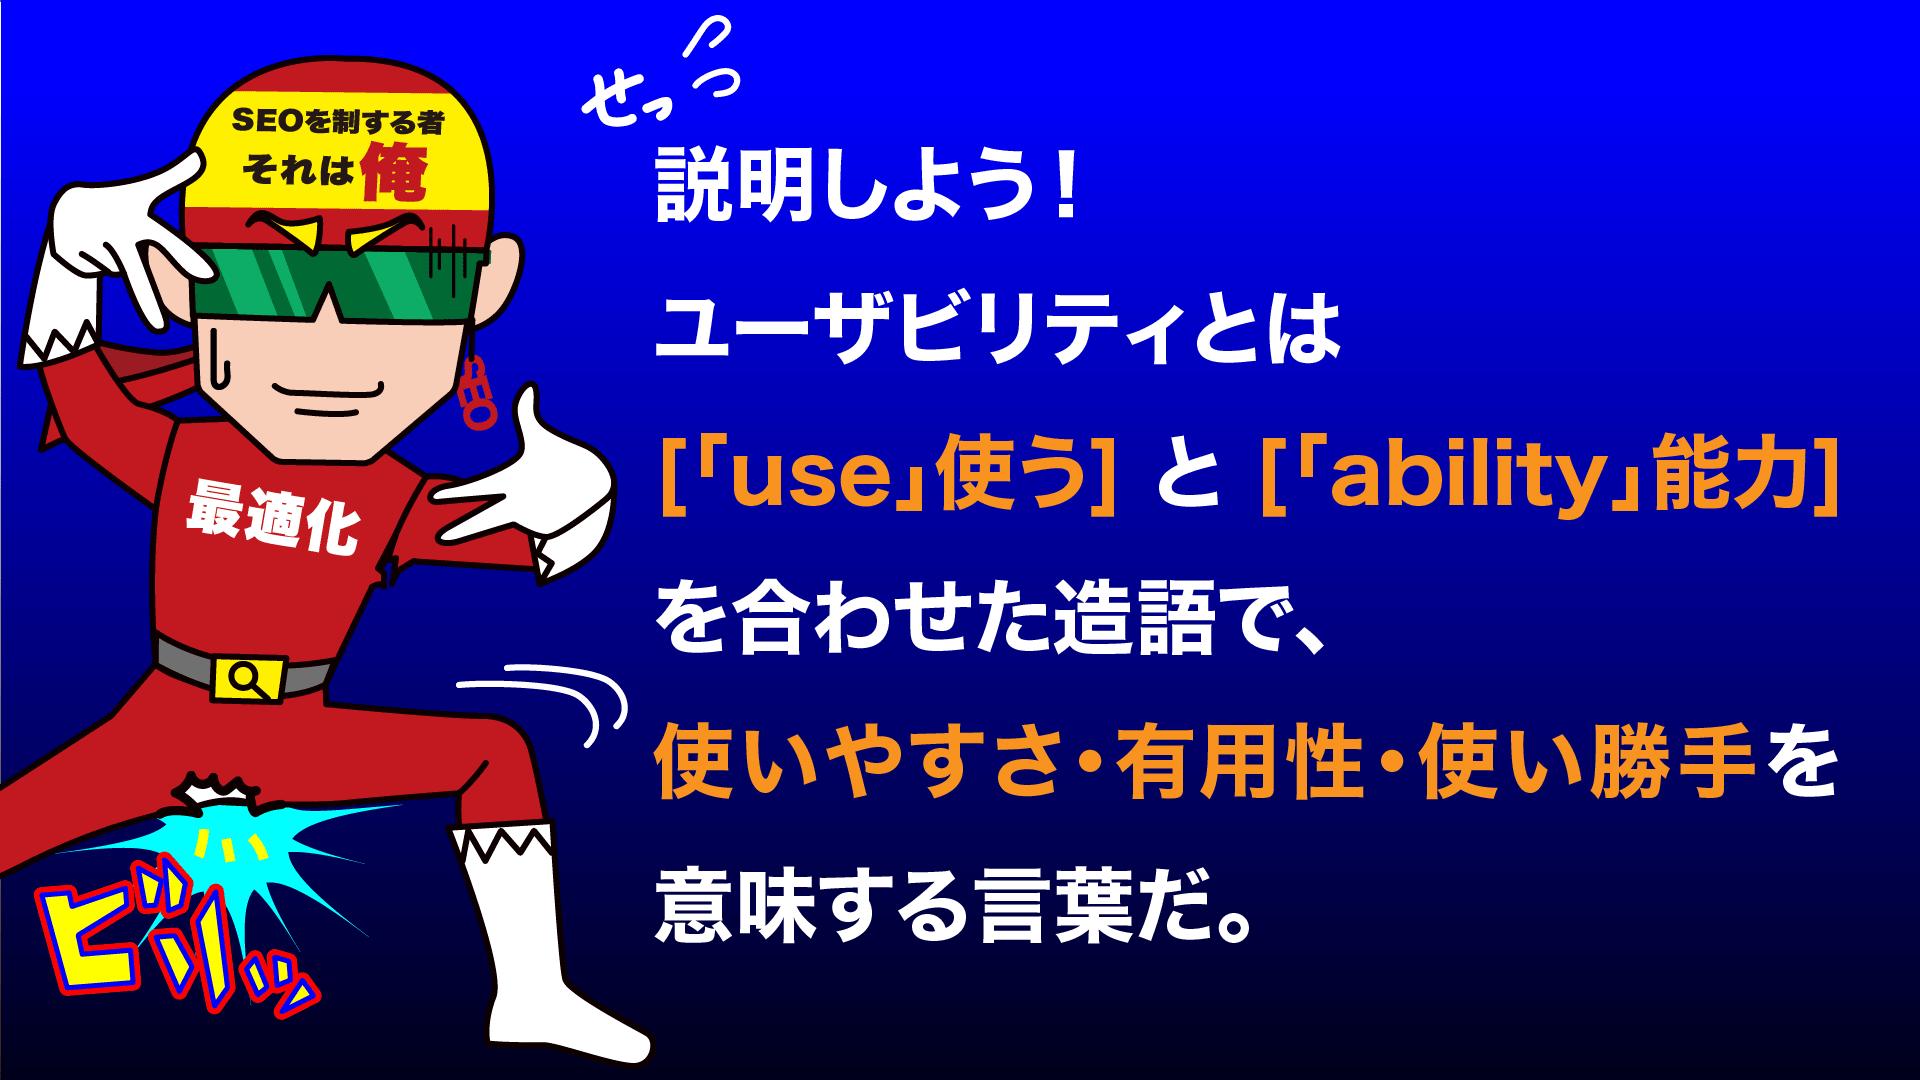 ユーザビリティ③‐漫画SEO用語集④